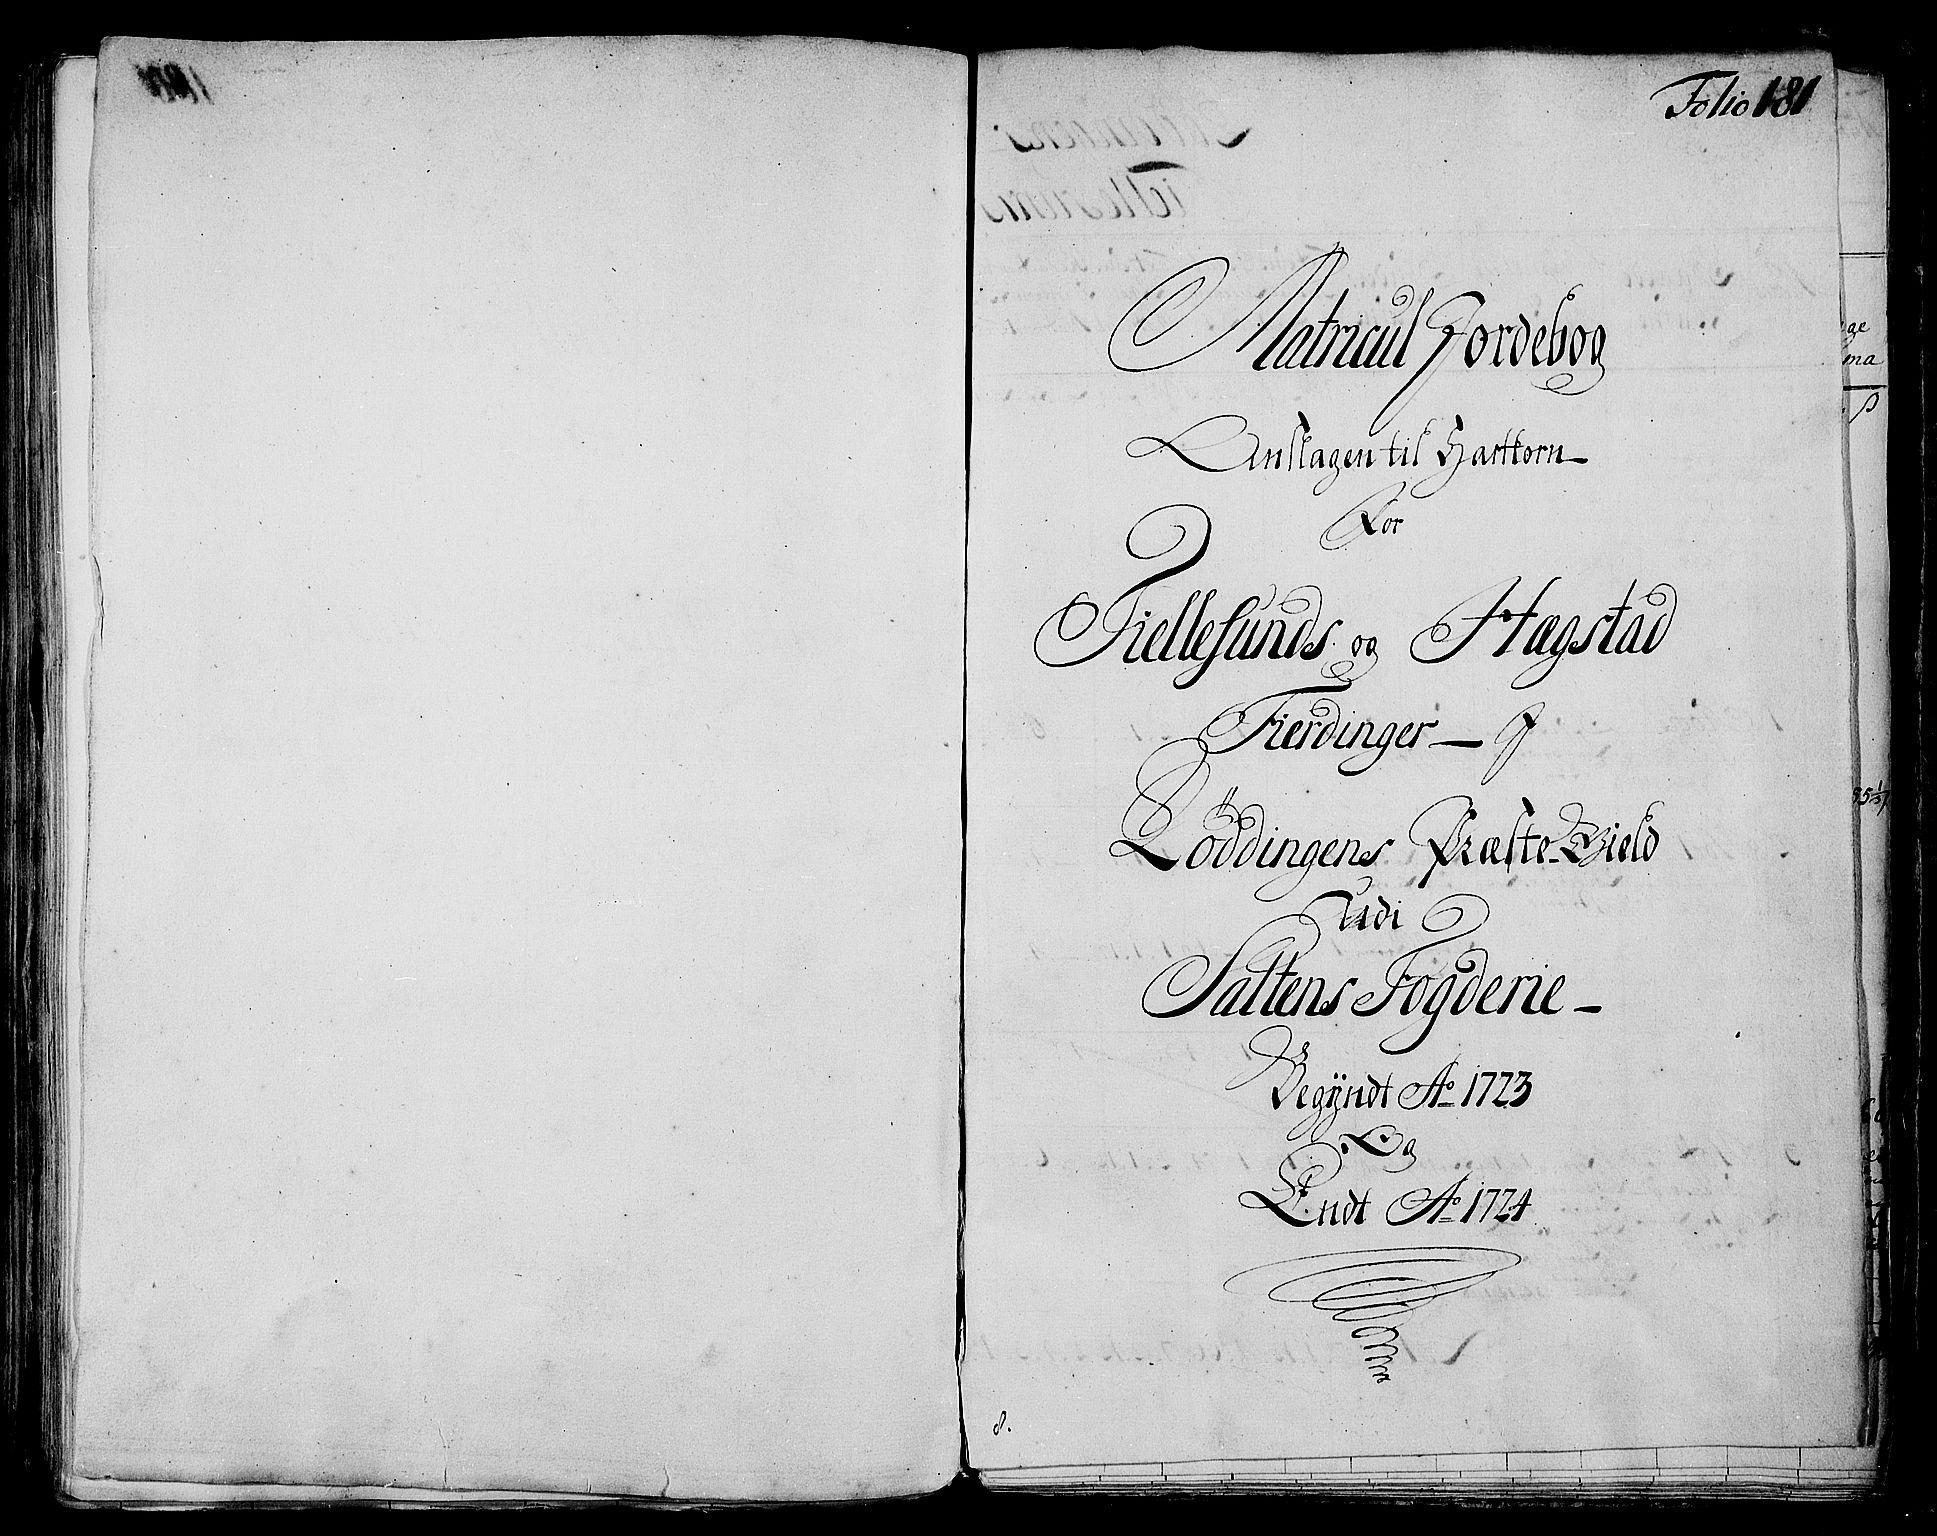 RA, Rentekammeret inntil 1814, Realistisk ordnet avdeling, N/Nb/Nbf/L0173: Salten matrikkelprotokoll, 1723, s. 180b-181a